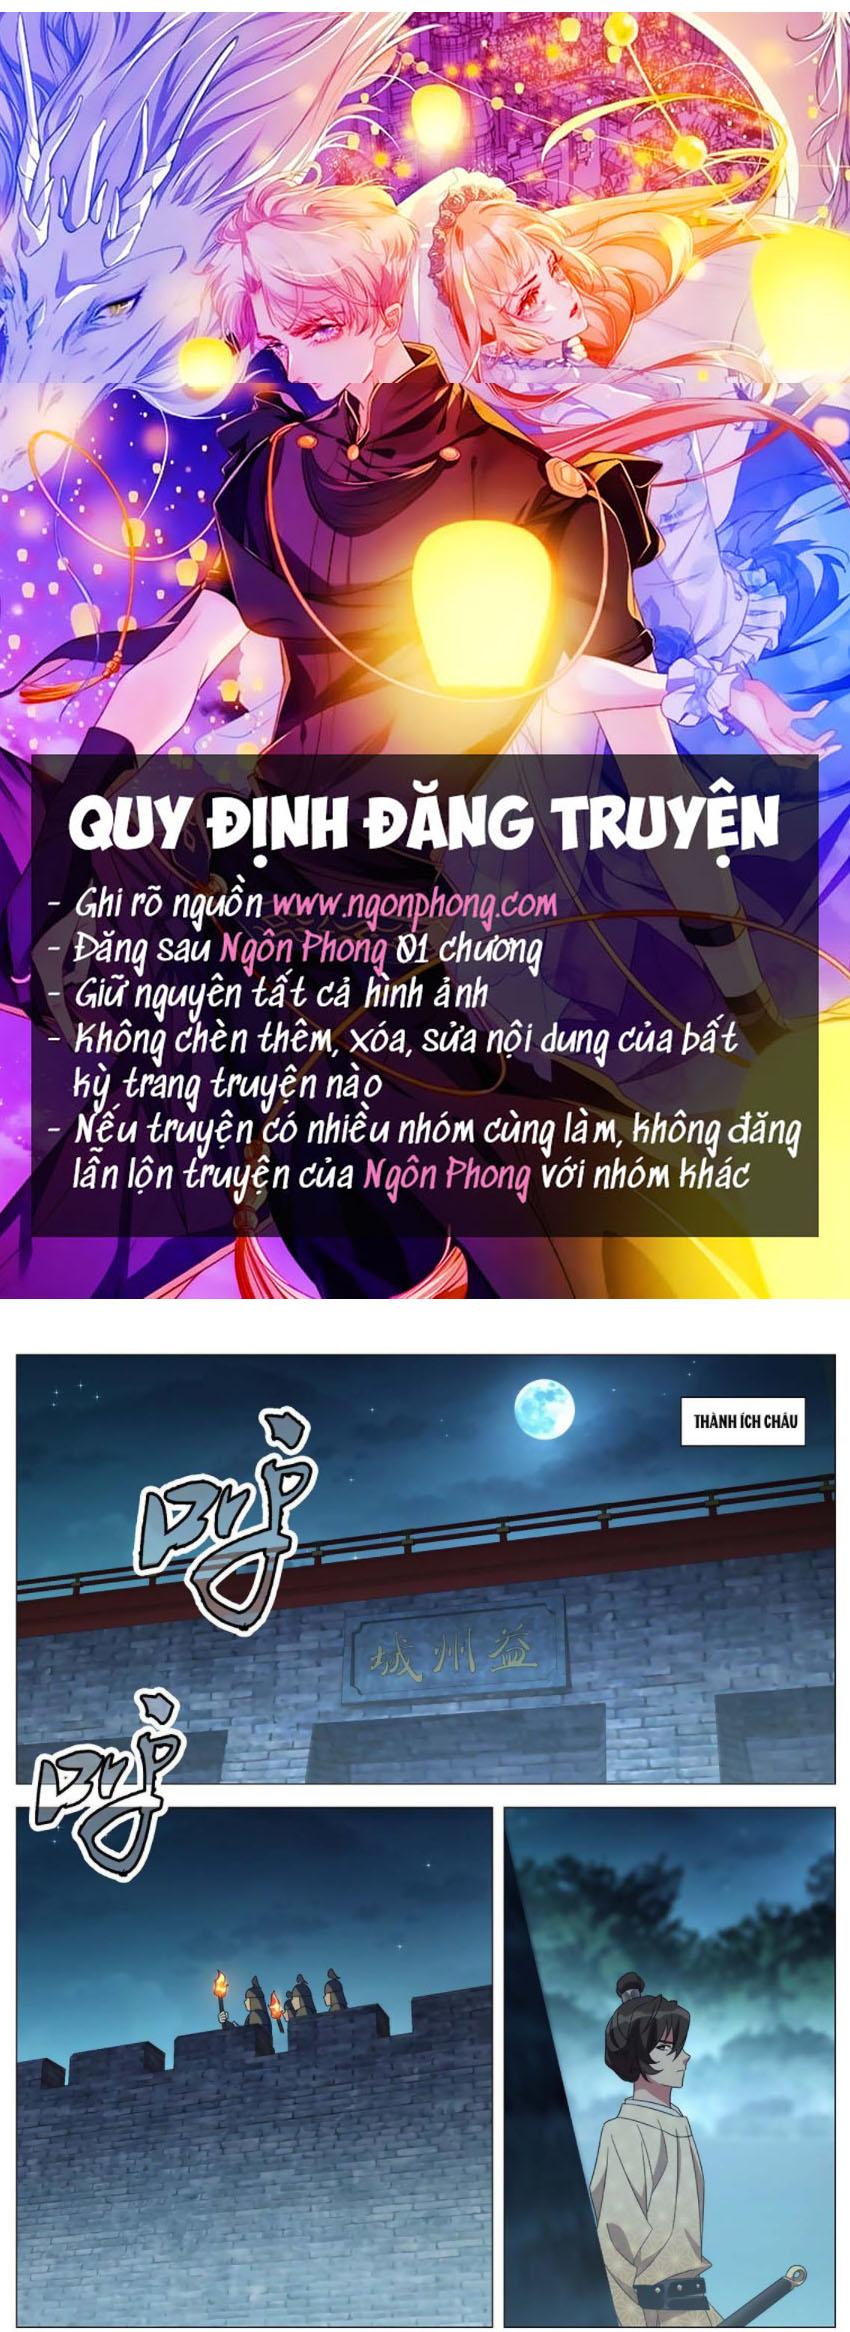 TƯỚNG QUÂN! KHÔNG NÊN A! Chapter 53 - upload bởi truyensieuhay.com